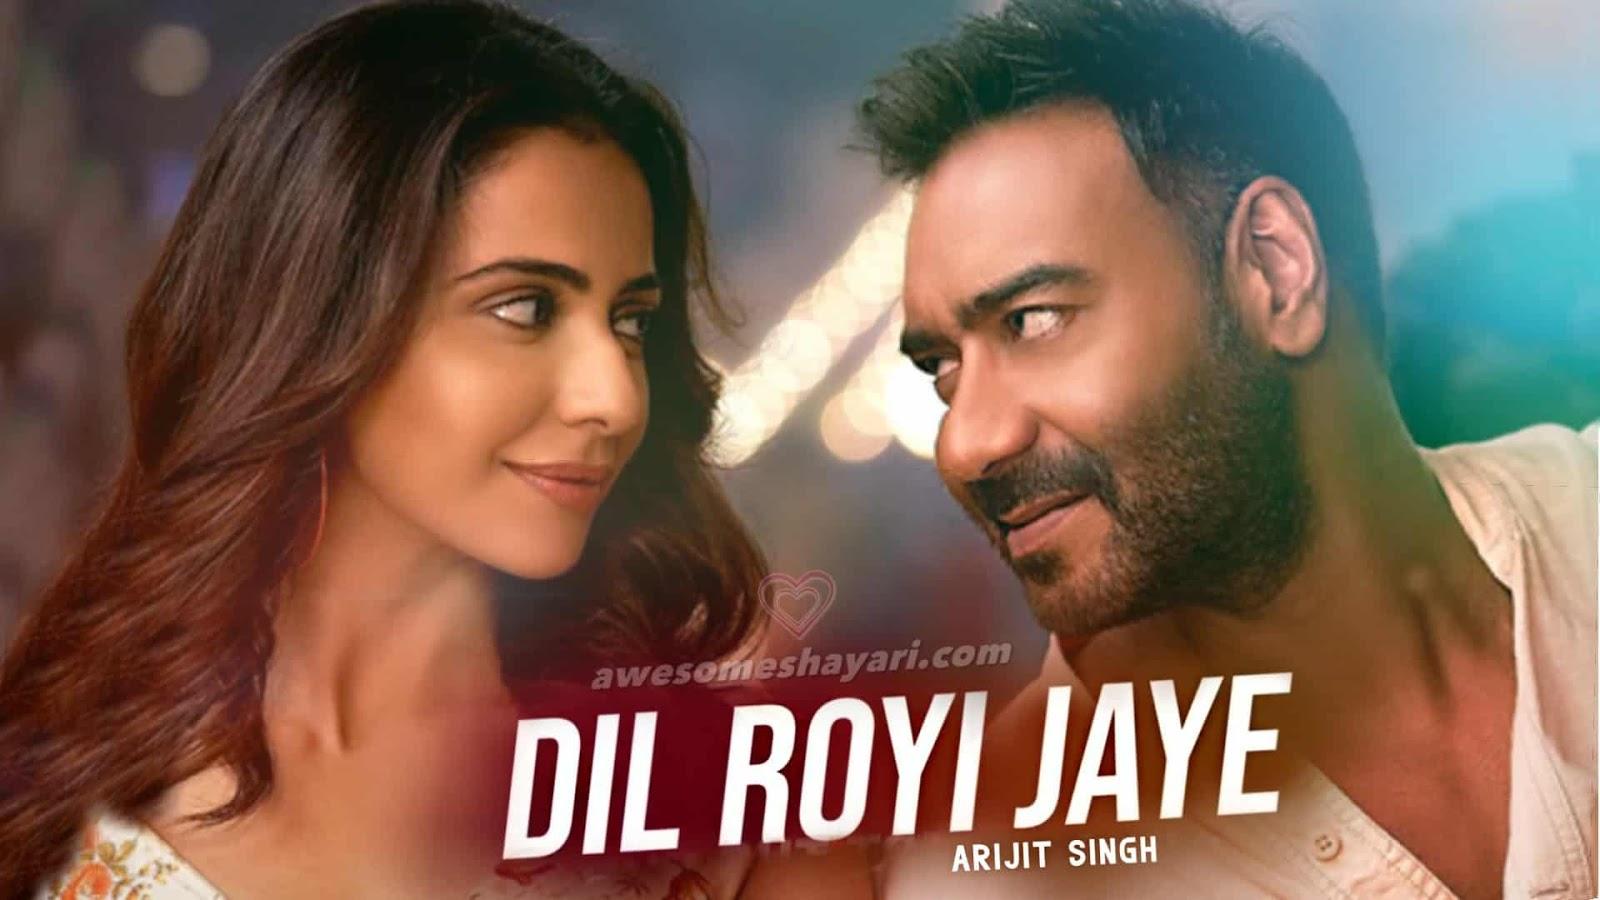 Dil Royi Jaye Lyrics - Arijit Singh | De De Pyaar De